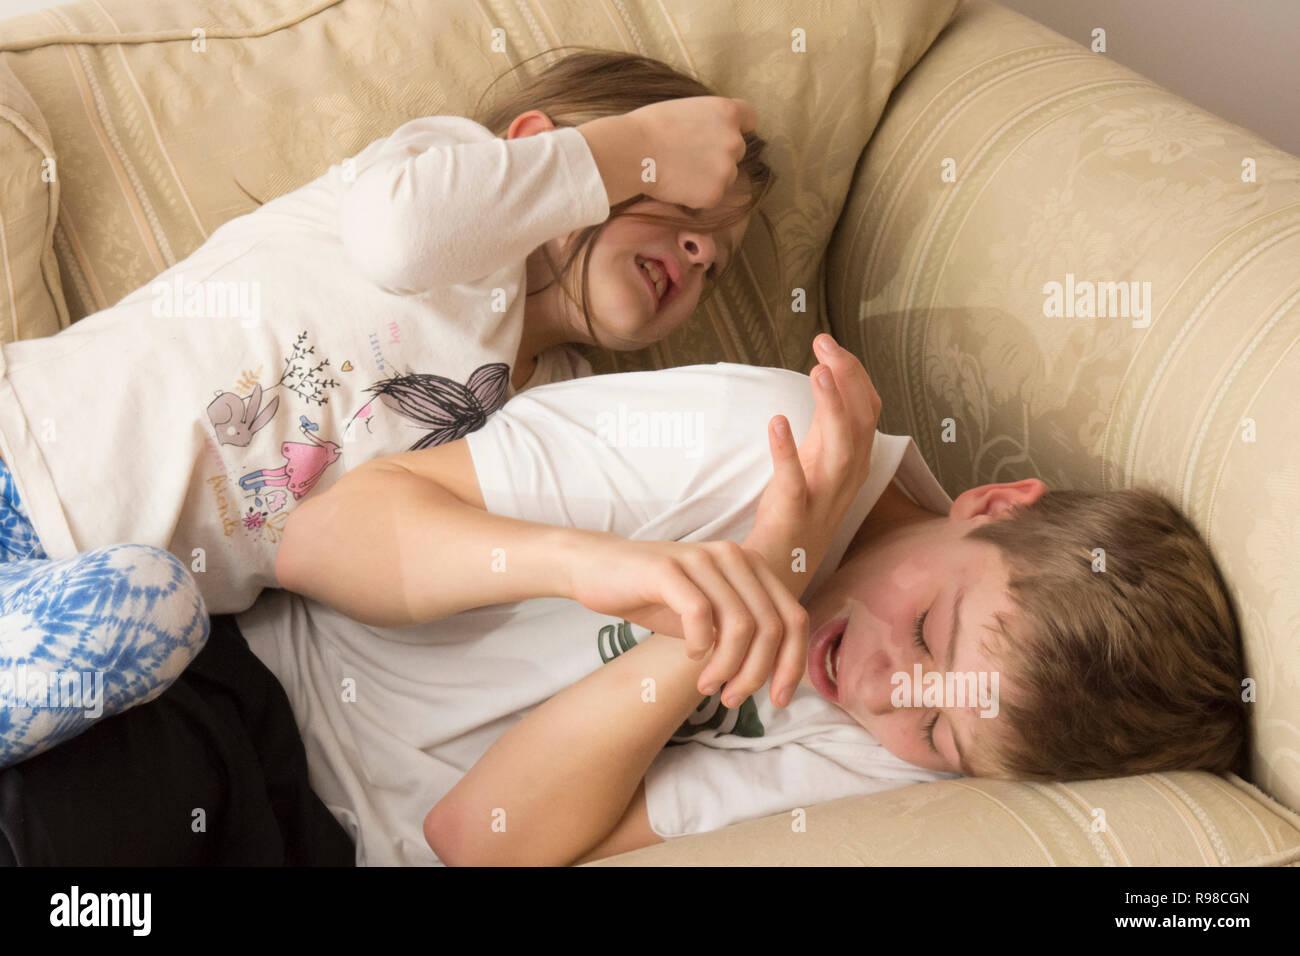 Kinder, Junge und Mädchen, Bruder und Schwester, Geschwister, spielen, kämpfen, kämpfen, Ringen, laut, gewalttätig, auf dem Sofa, zwölf Jahre alt, sechs Jahre alt. Stockfoto